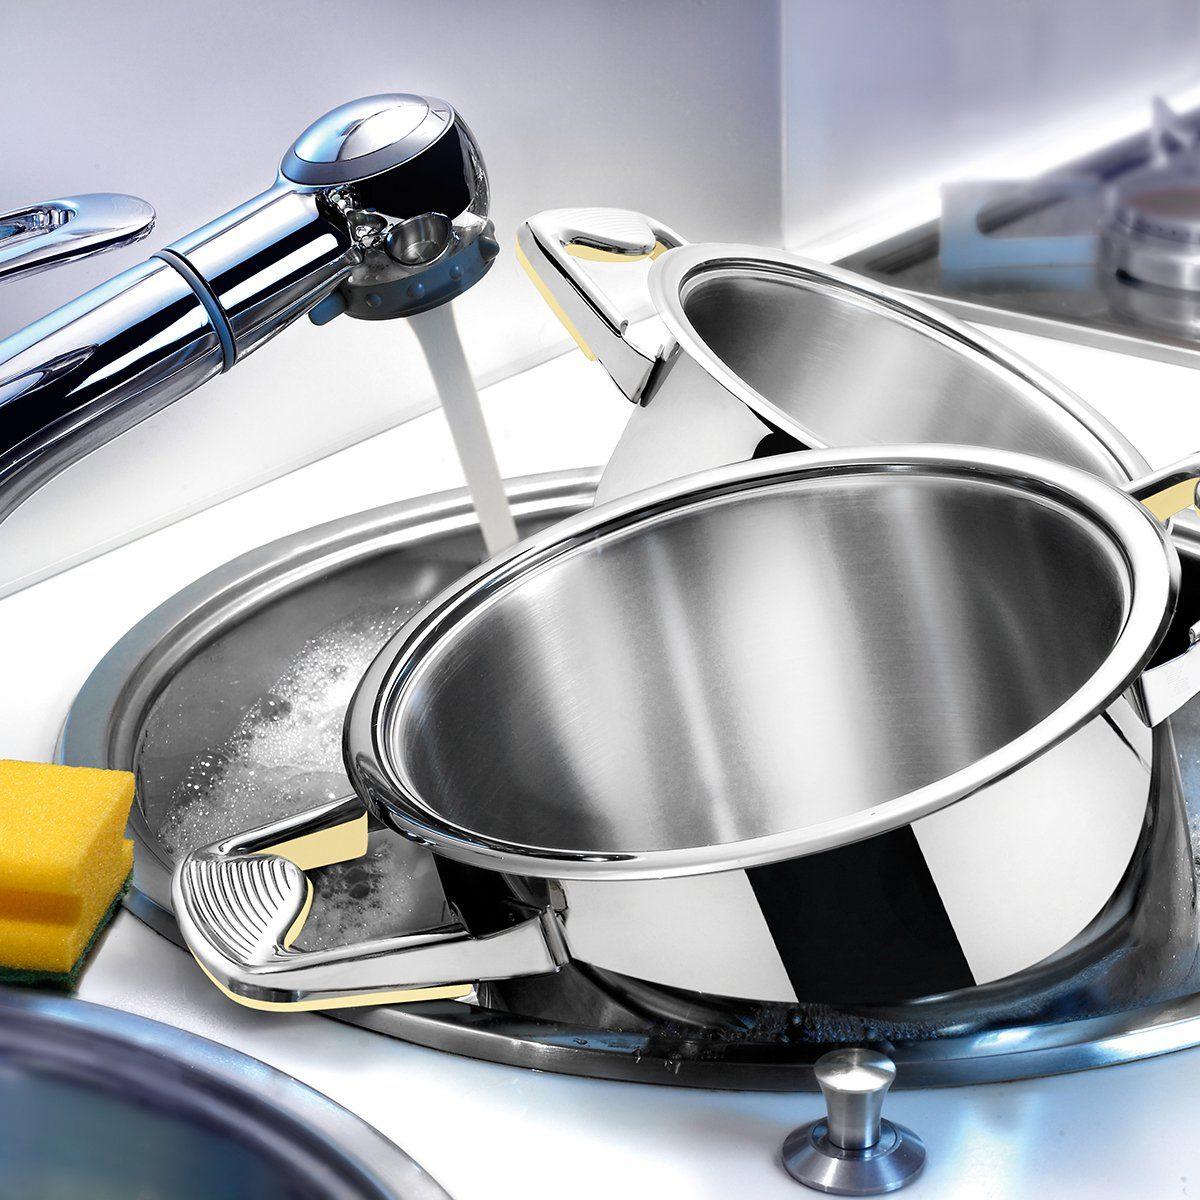 Tableware in sink/Washing tableware in sink with water